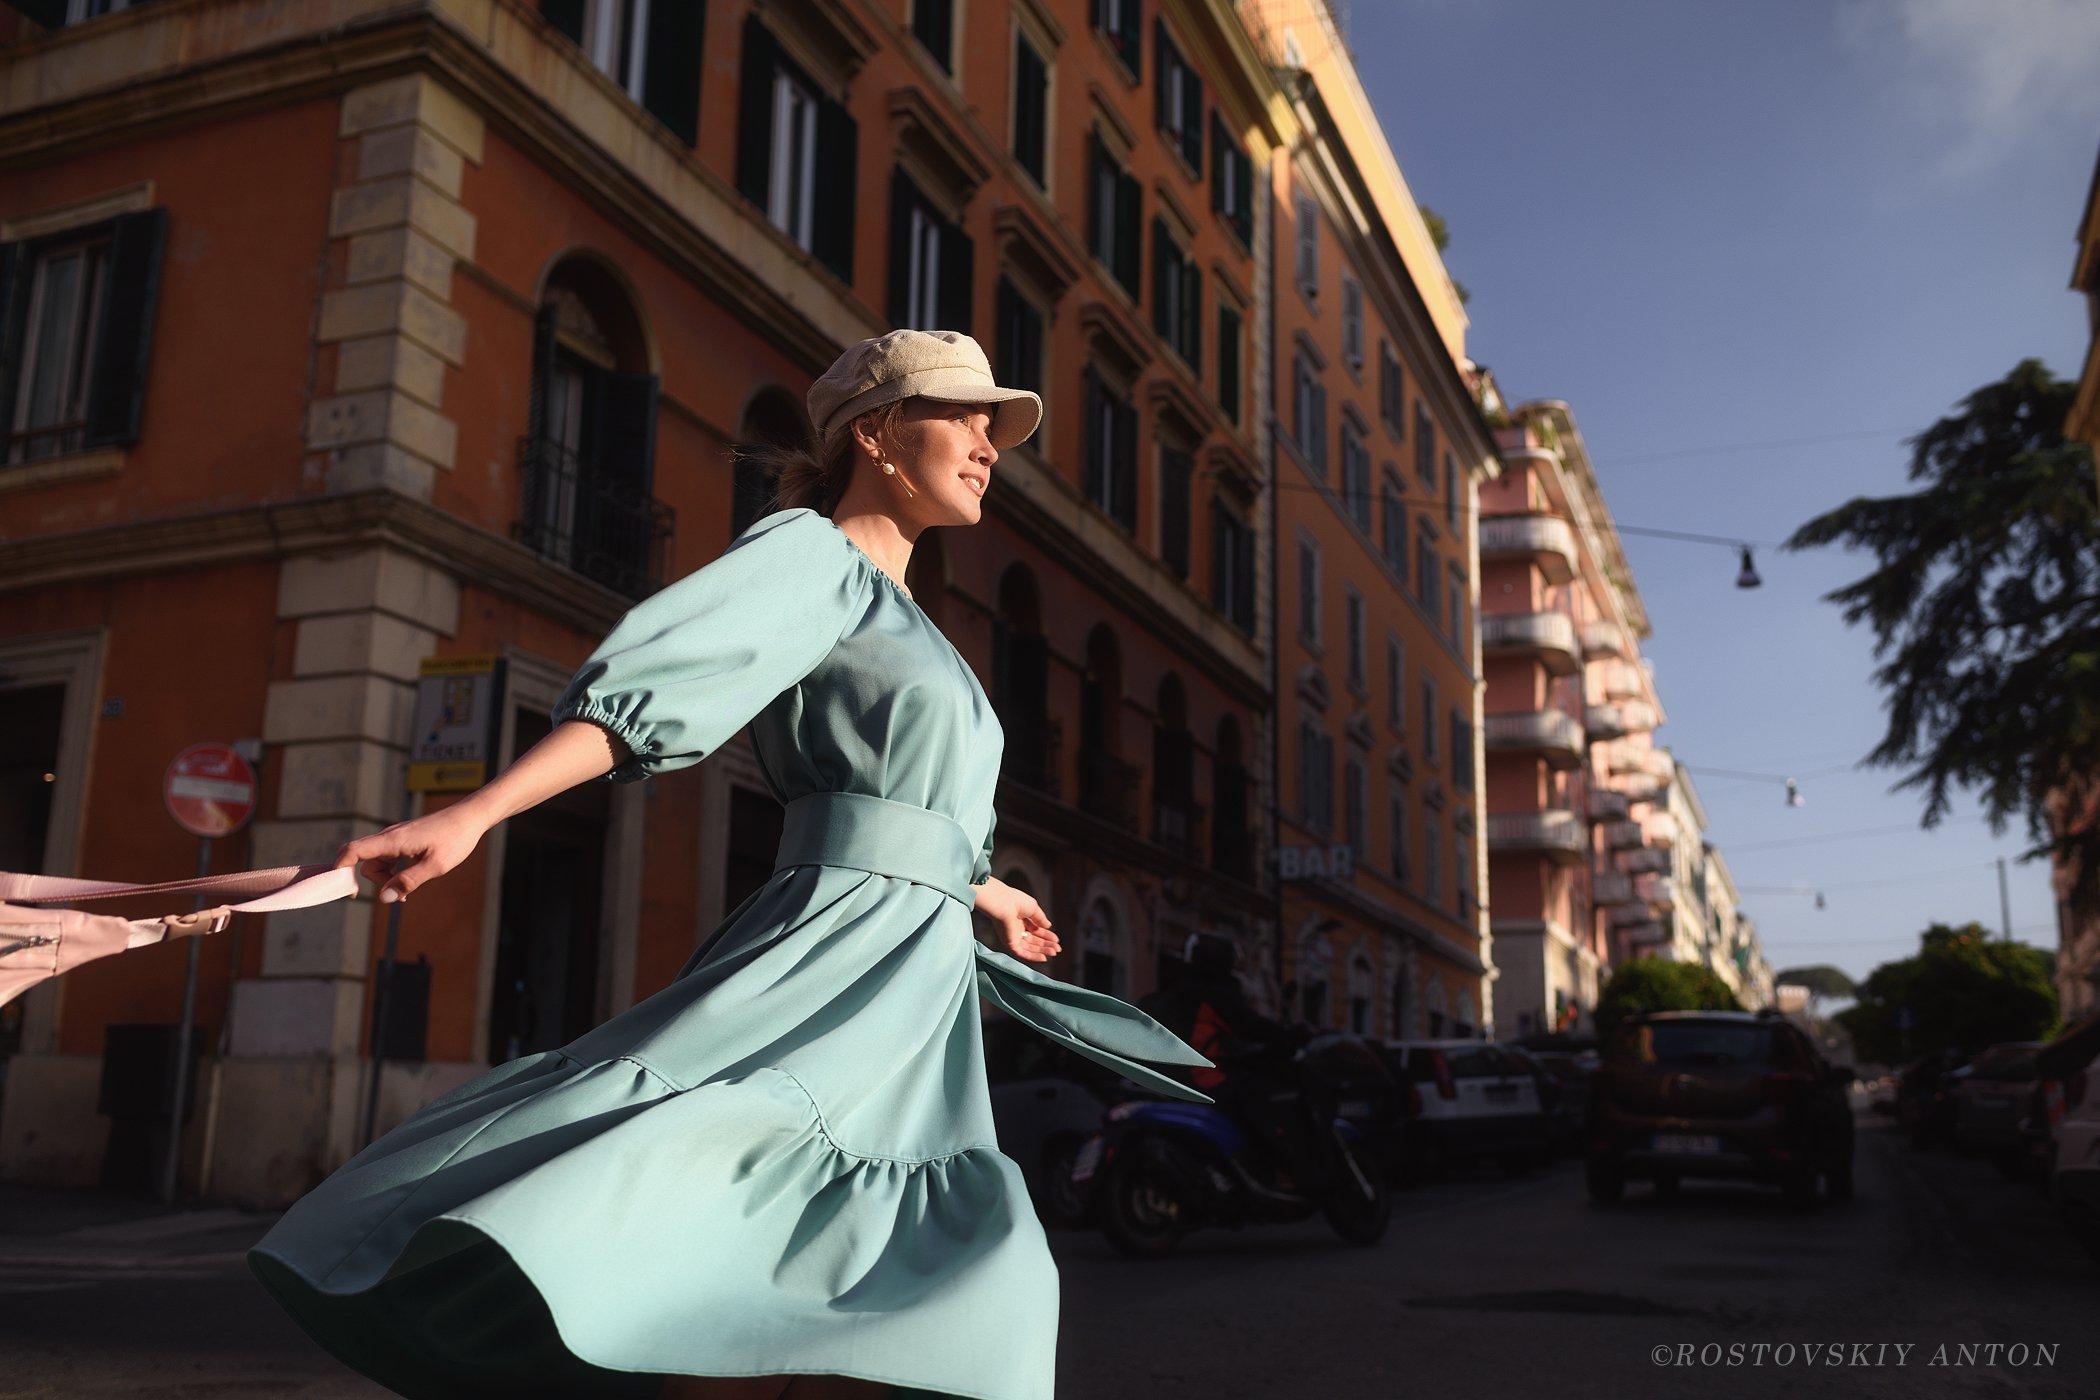 Италия, фототур, стрит, динамика, портрет, девушка, улица,, Ростовский Антон